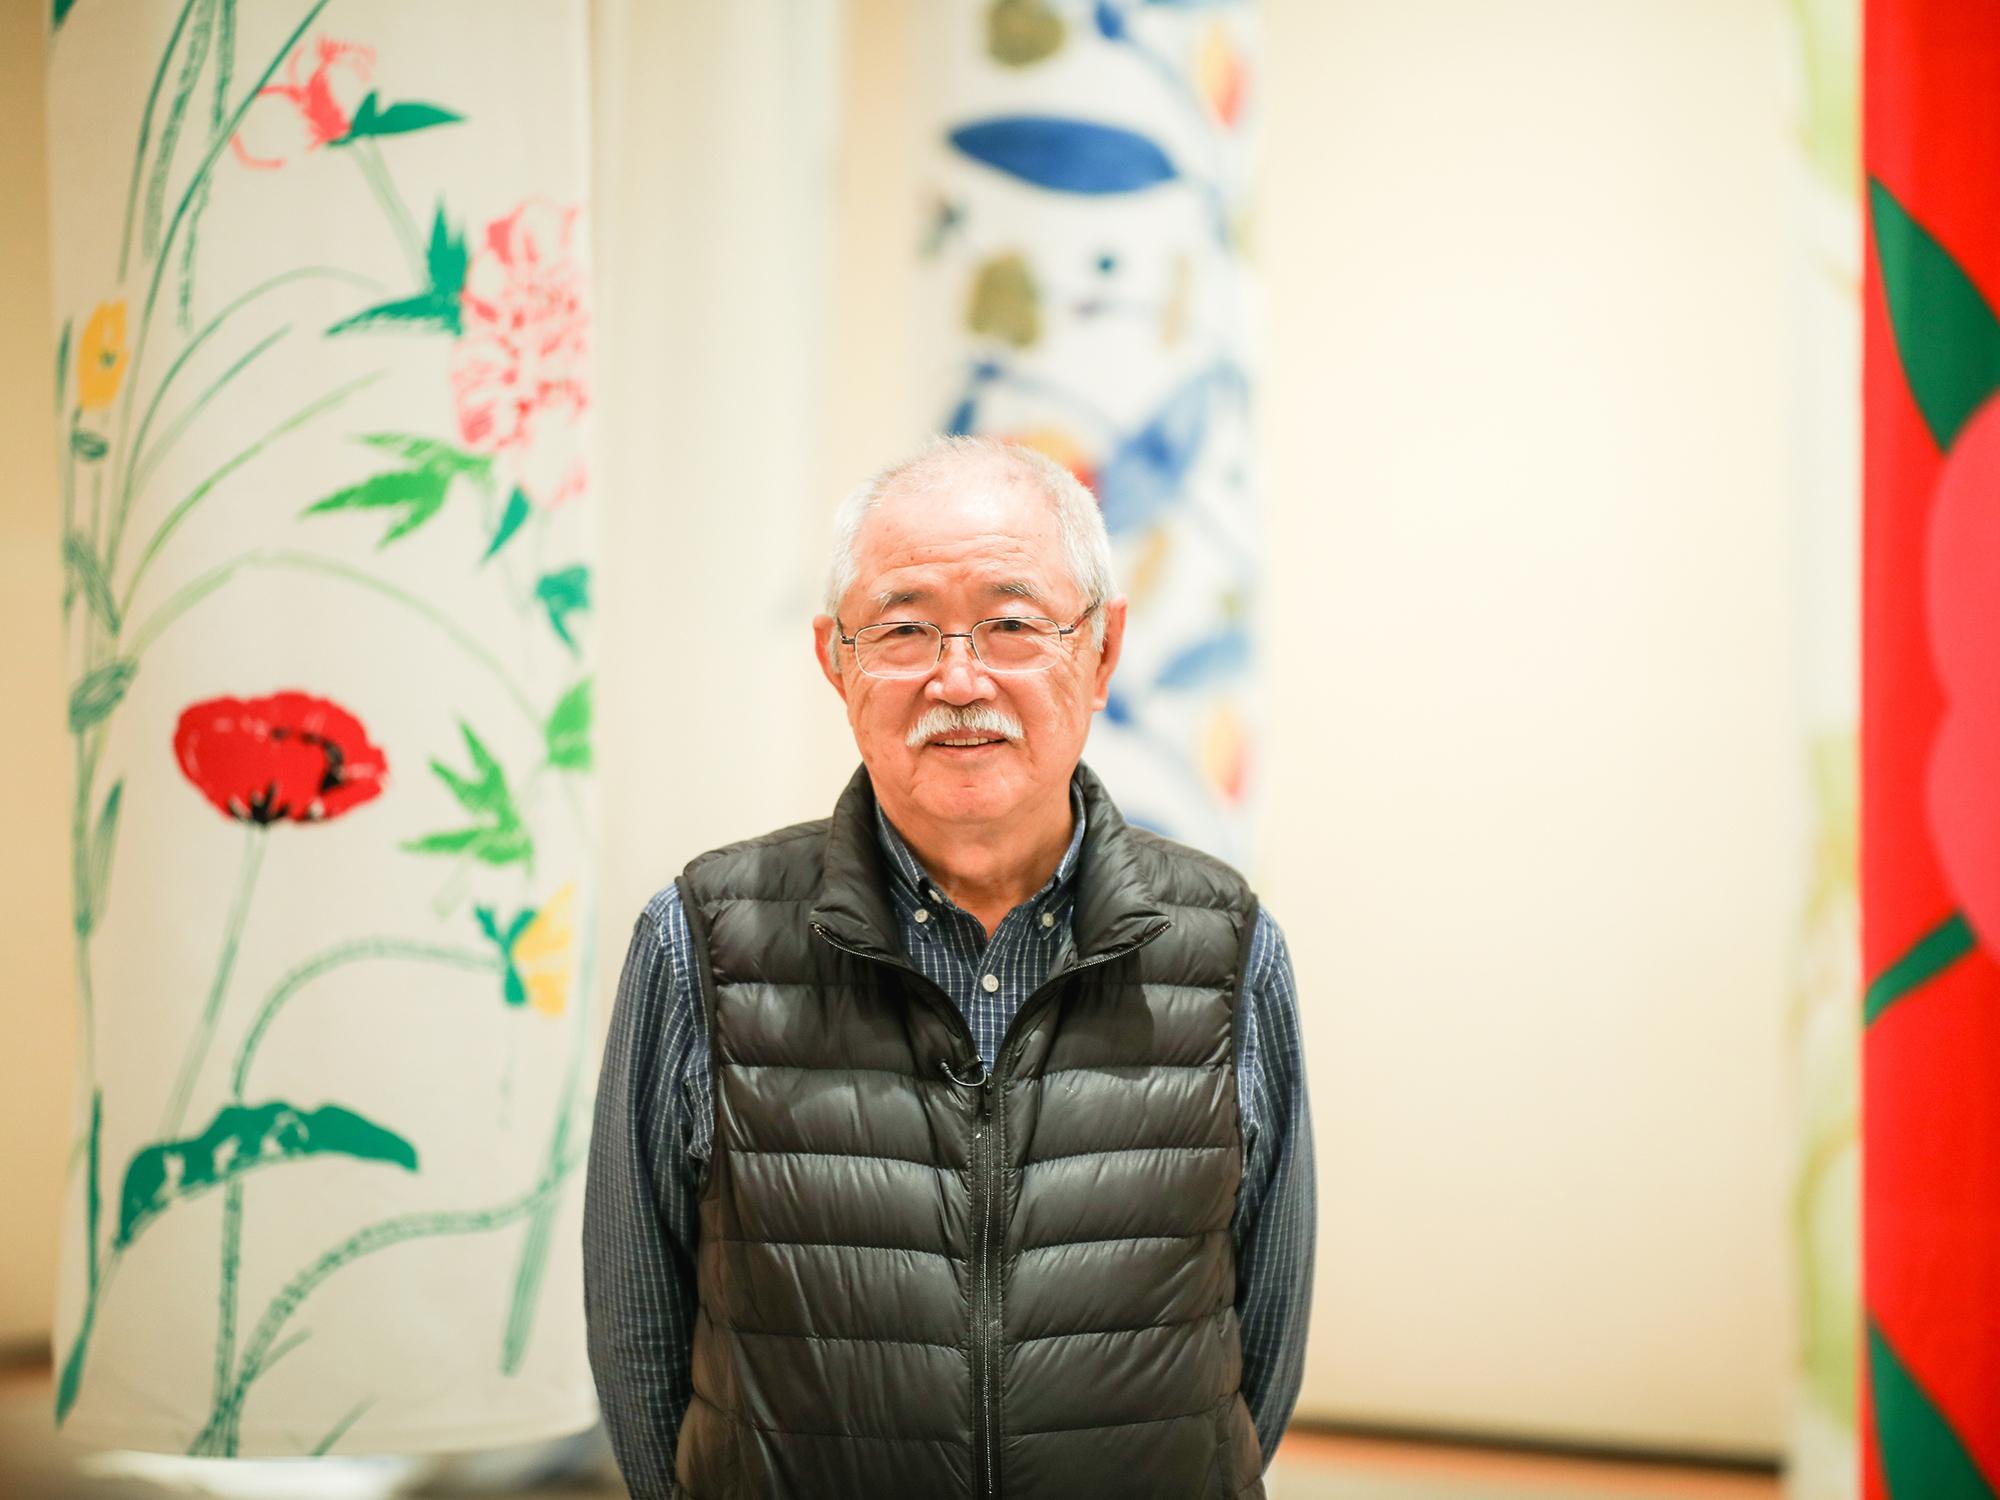 石本藤雄(Fujiwo Ishimoto)<br /> 1941年愛媛県砥部町出身、フィンランド・ヘルシンキ在住。1970年にフィンランドに移り、1974年から同国を代表するライフスタイルブランド「マリメッコ」で32年に渡りテキスタイルデザイナーを務める。現在はフィンランドの老舗陶器メーカー「アラビア」のアート部門の一員として陶芸制作に取り組む。カイ・フランク賞、フィンランド獅子勲章プロ・フィンランディア・メダル、日本では旭日小綬章など多数。